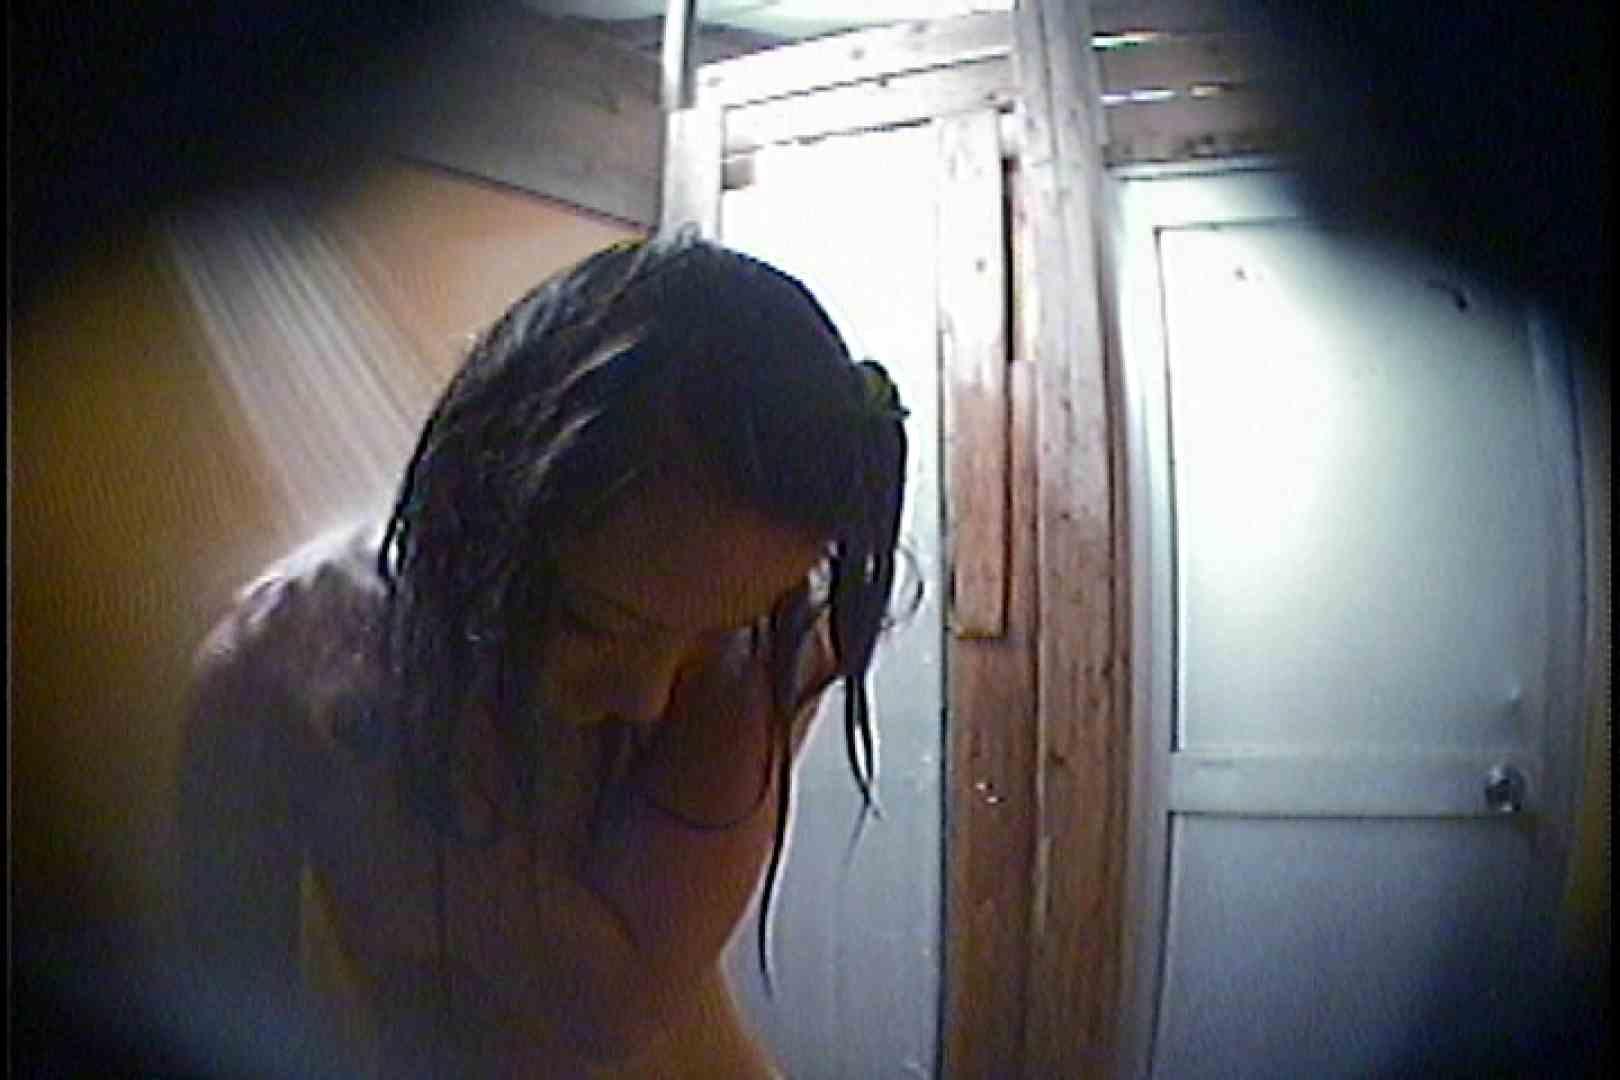 海の家の更衣室 Vol.48 美女 オマンコ動画キャプチャ 49画像 25